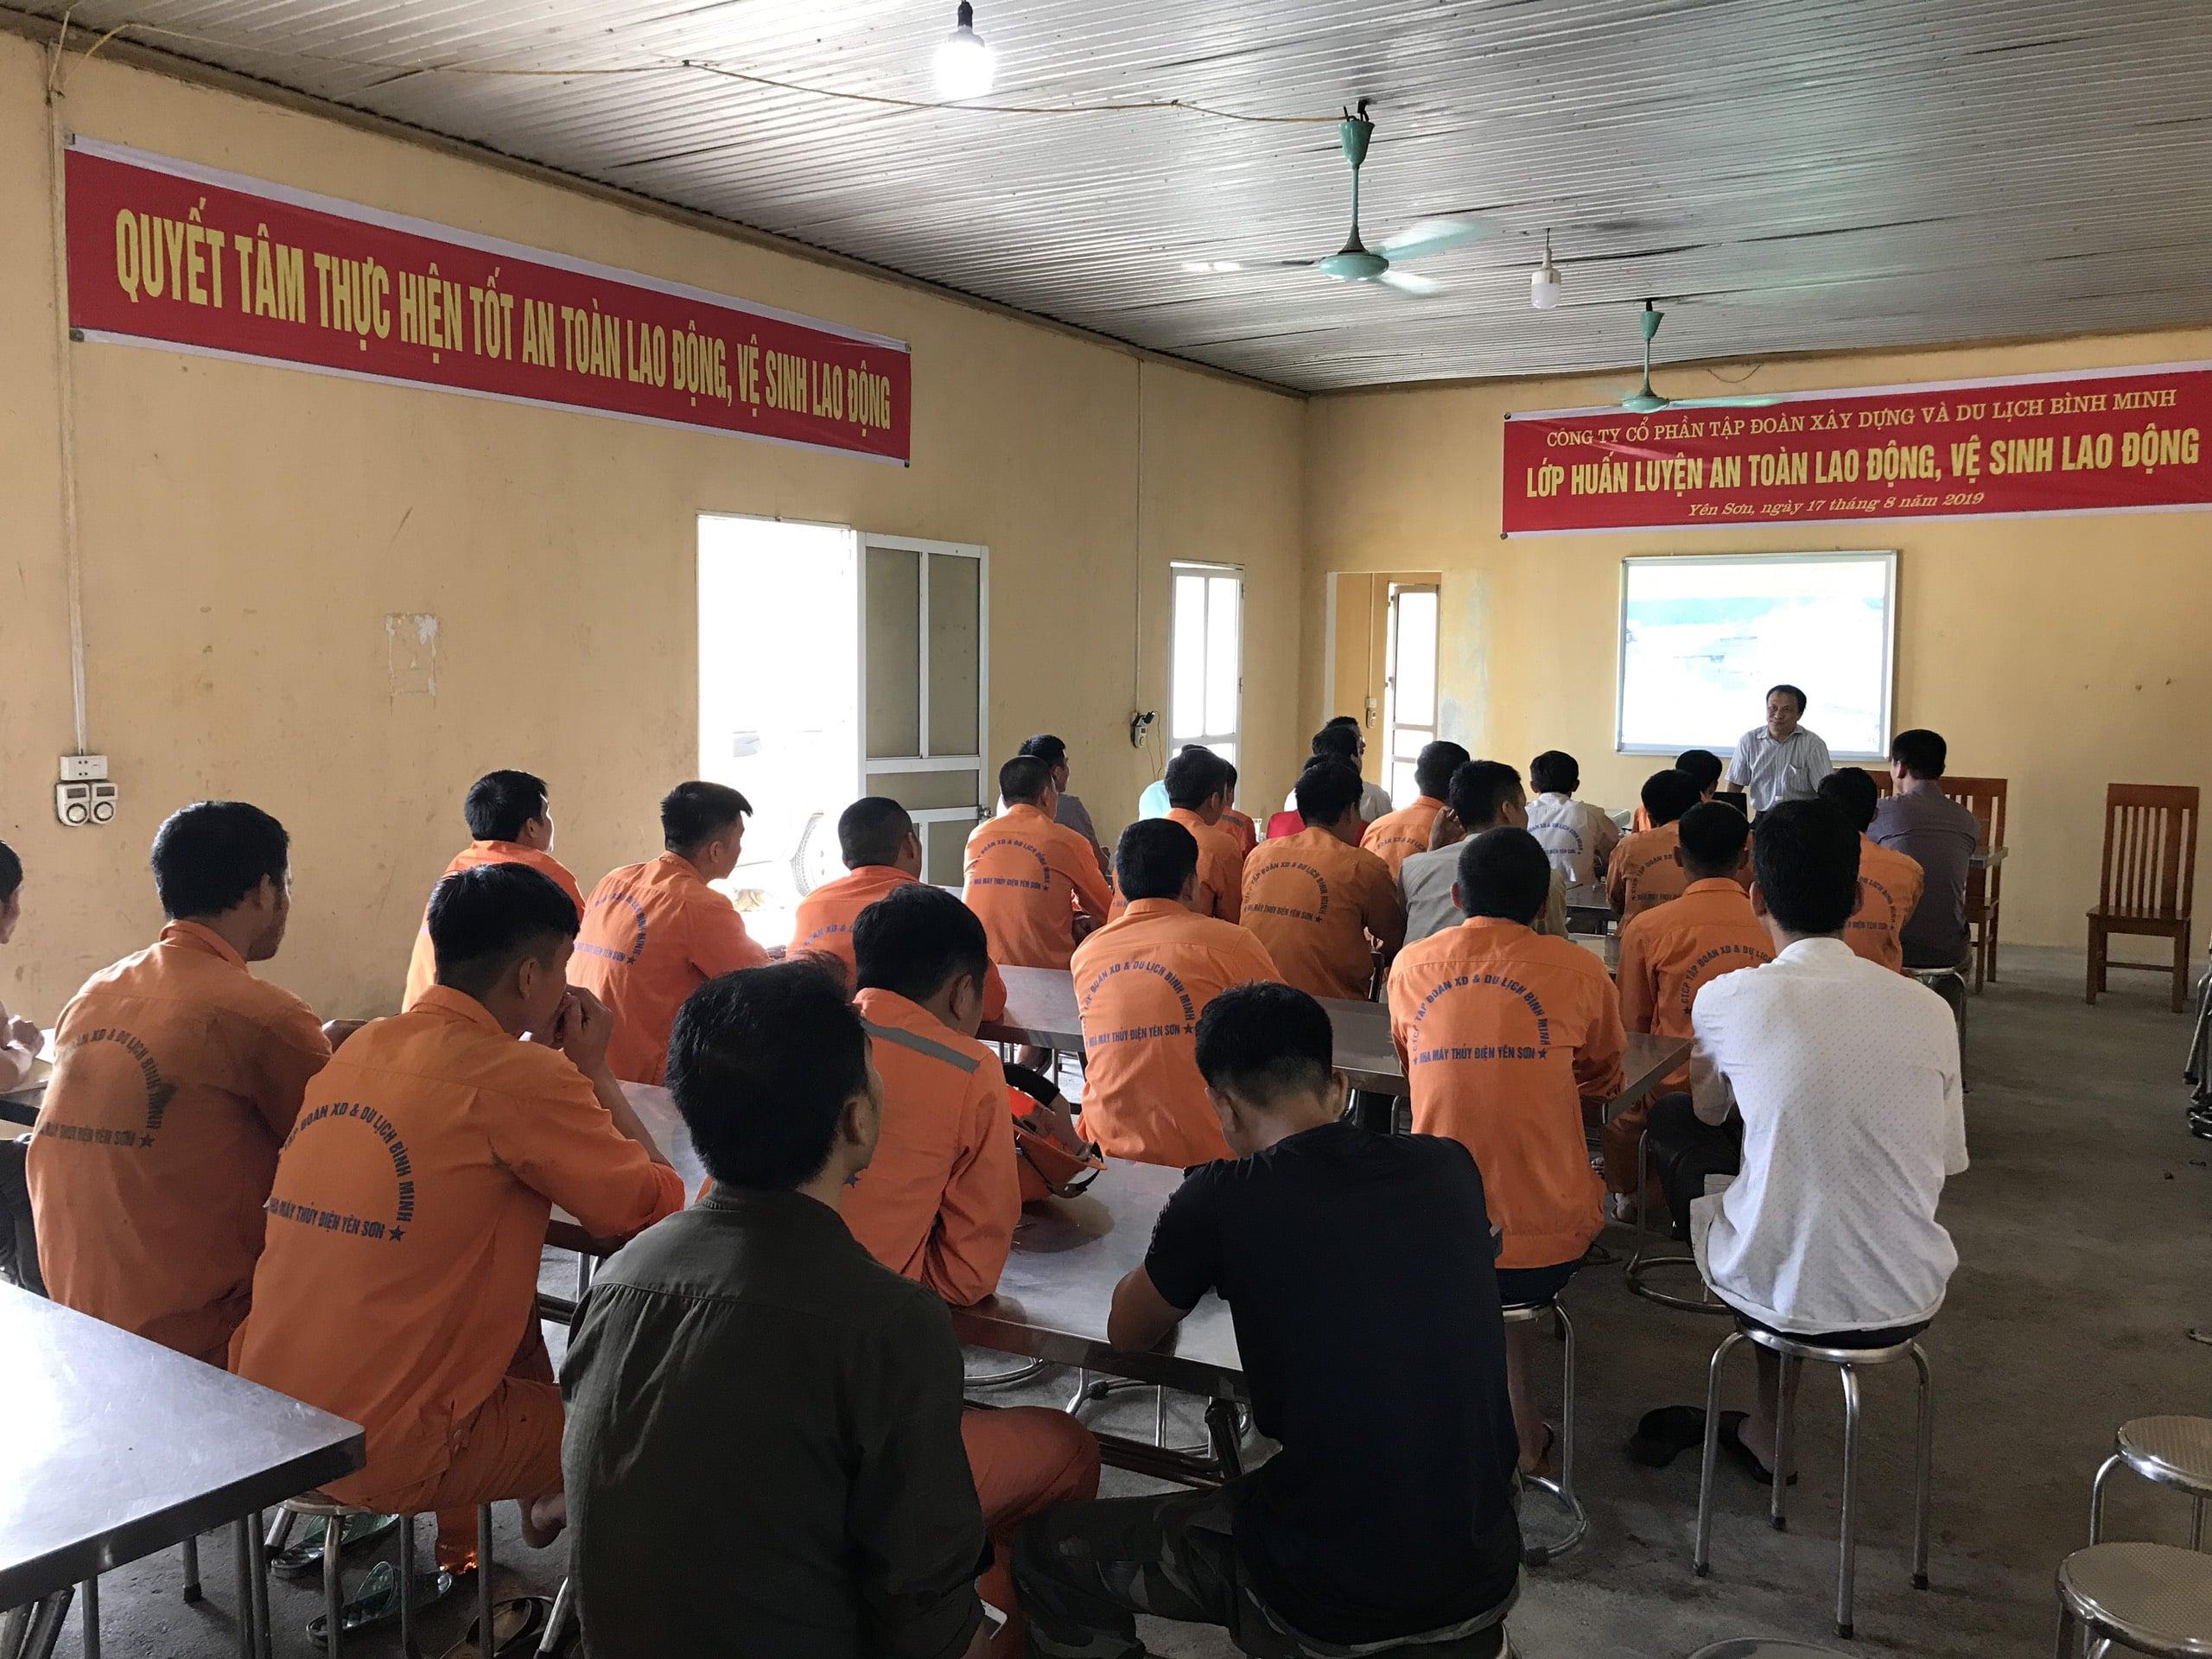 Huấn luyện an toàn, vệ sinh lao động tại Nhà máy thủy điện Yên Sơn Năm 2019